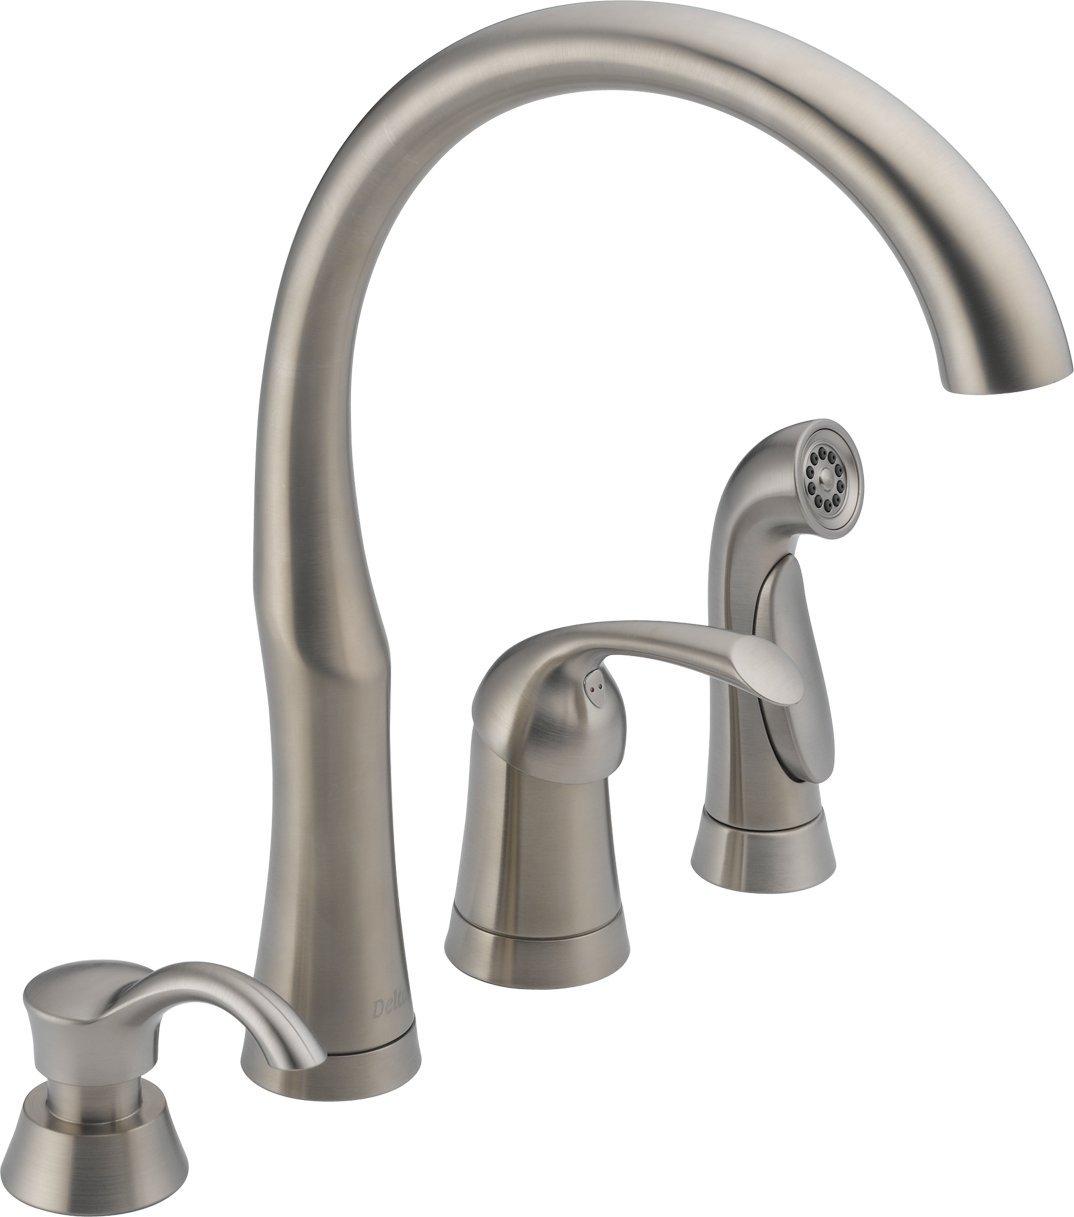 Delta Single Handle Kitchen Faucets Images